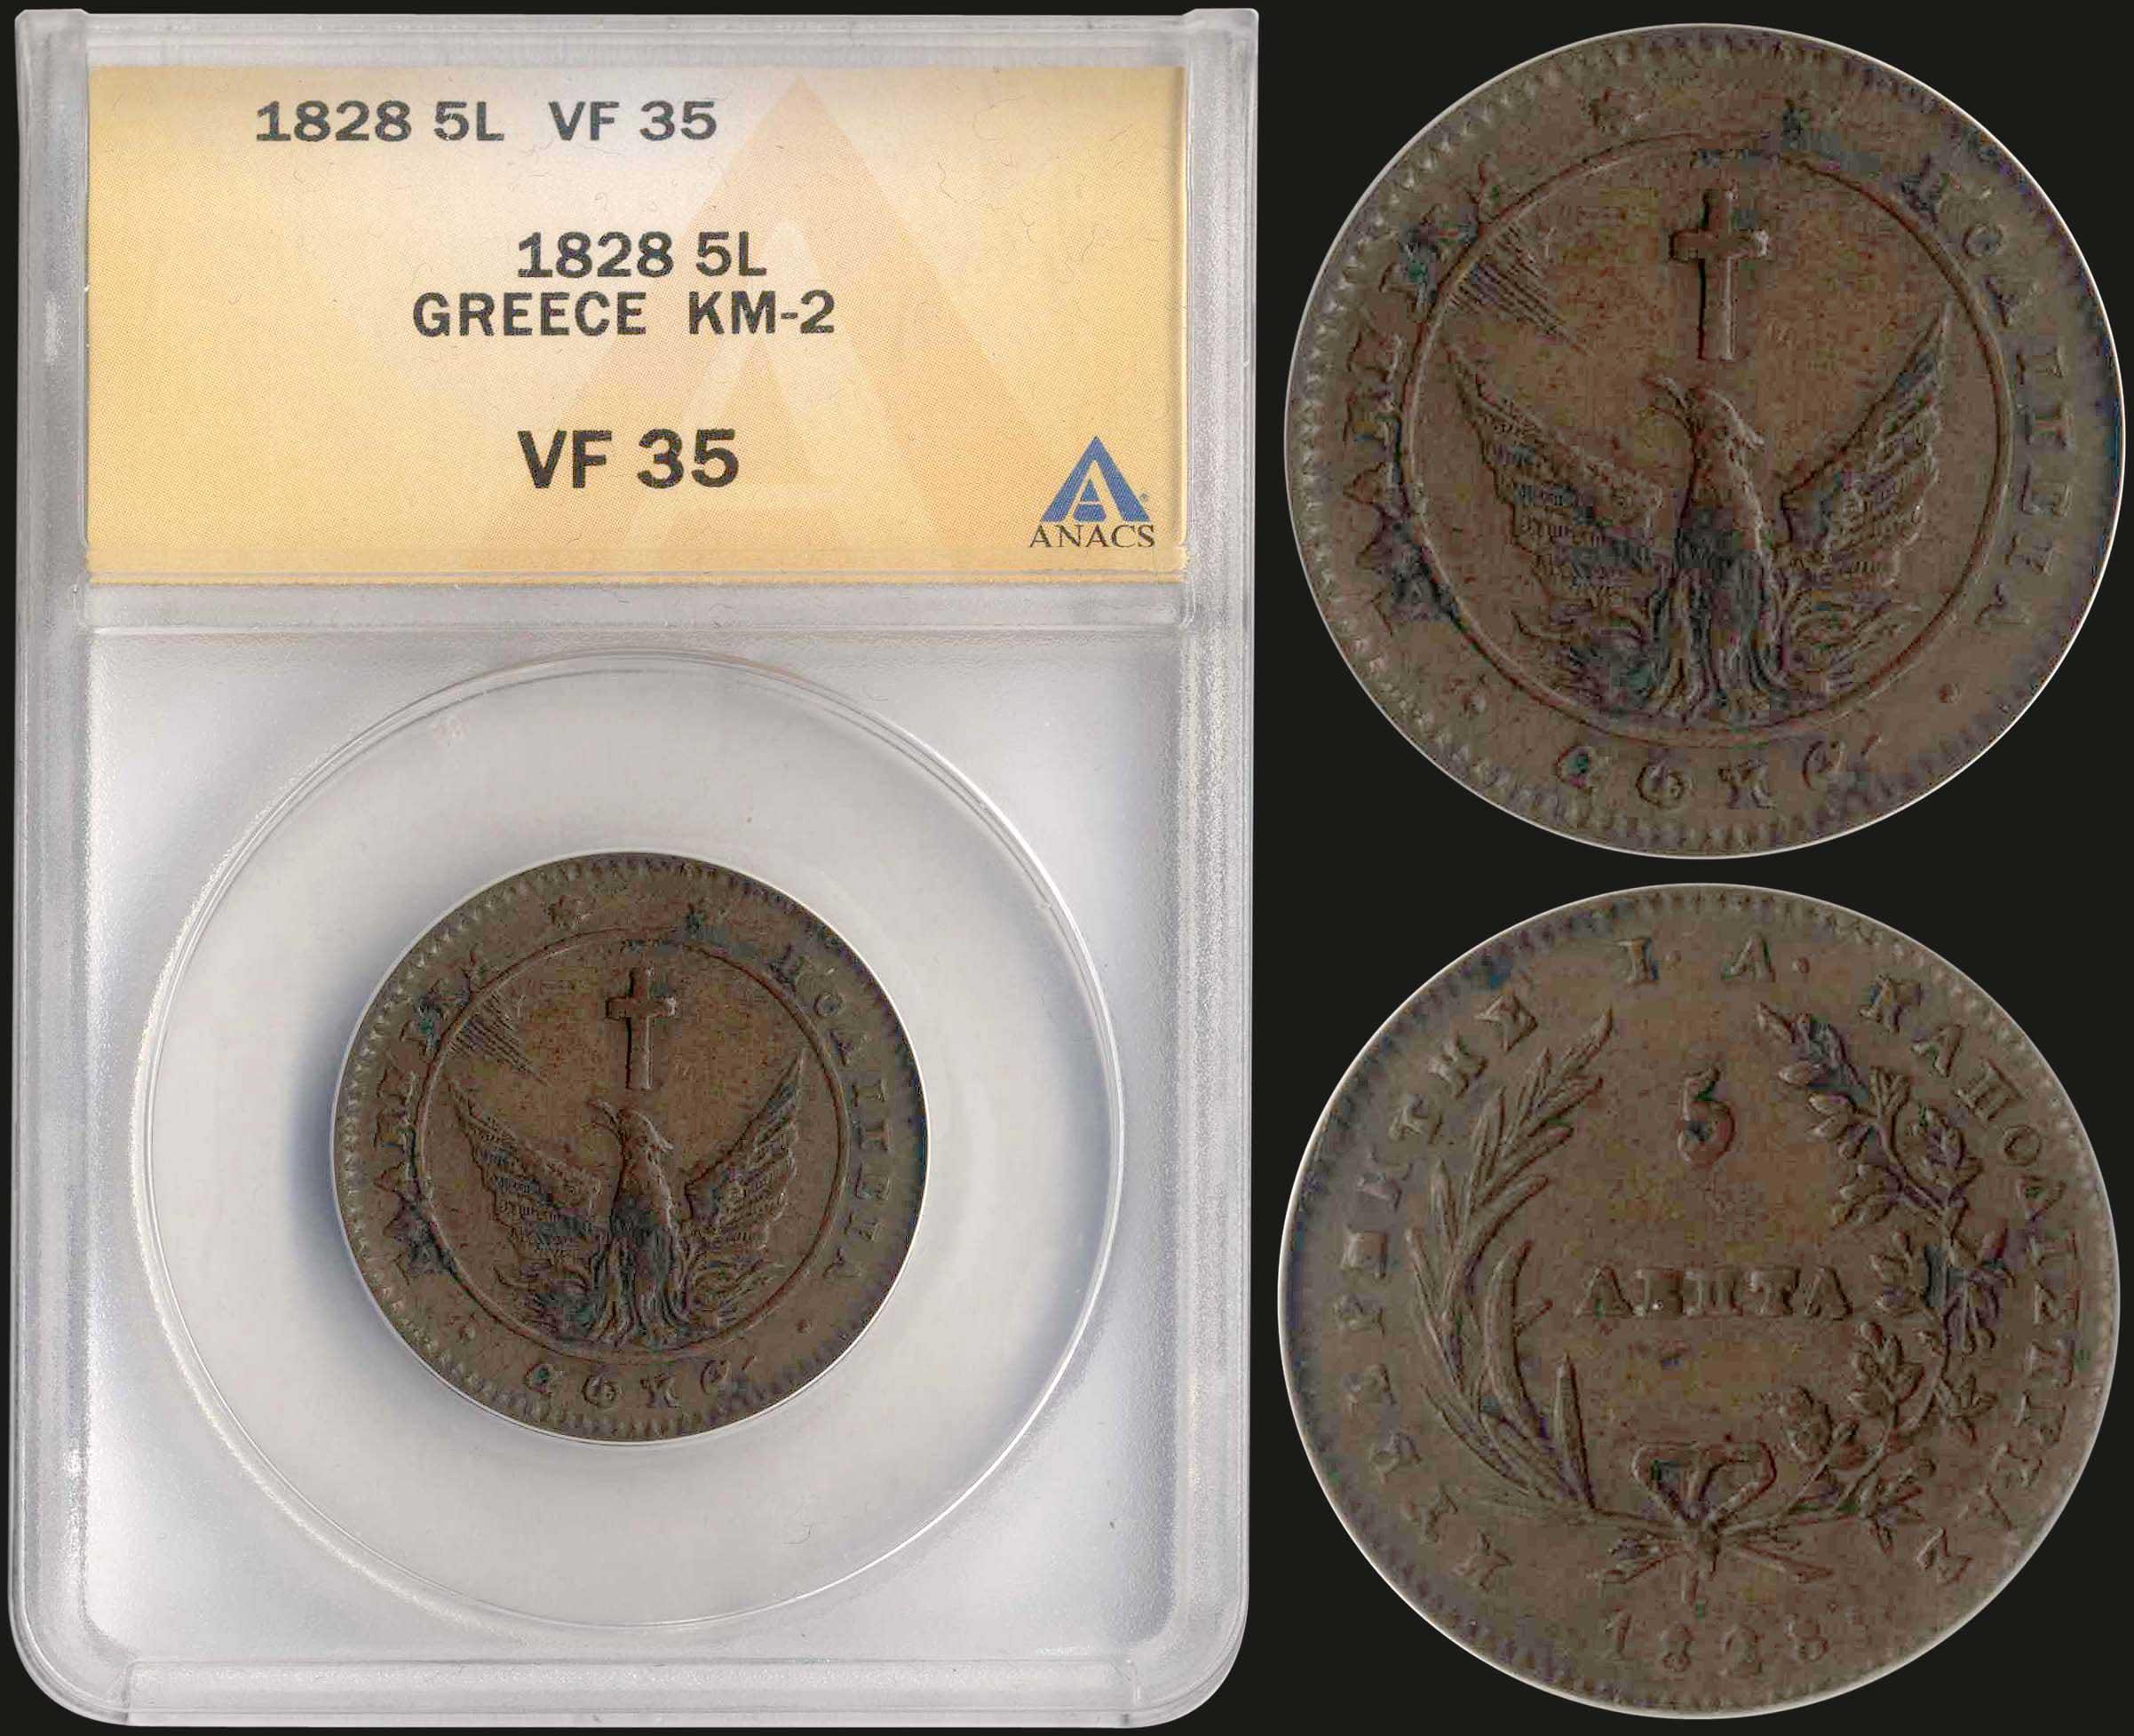 Lot 6008 - -  COINS & TOKENS governor capodistrias -  A. Karamitsos Postal & Live Internet Auction 984  (Part A)